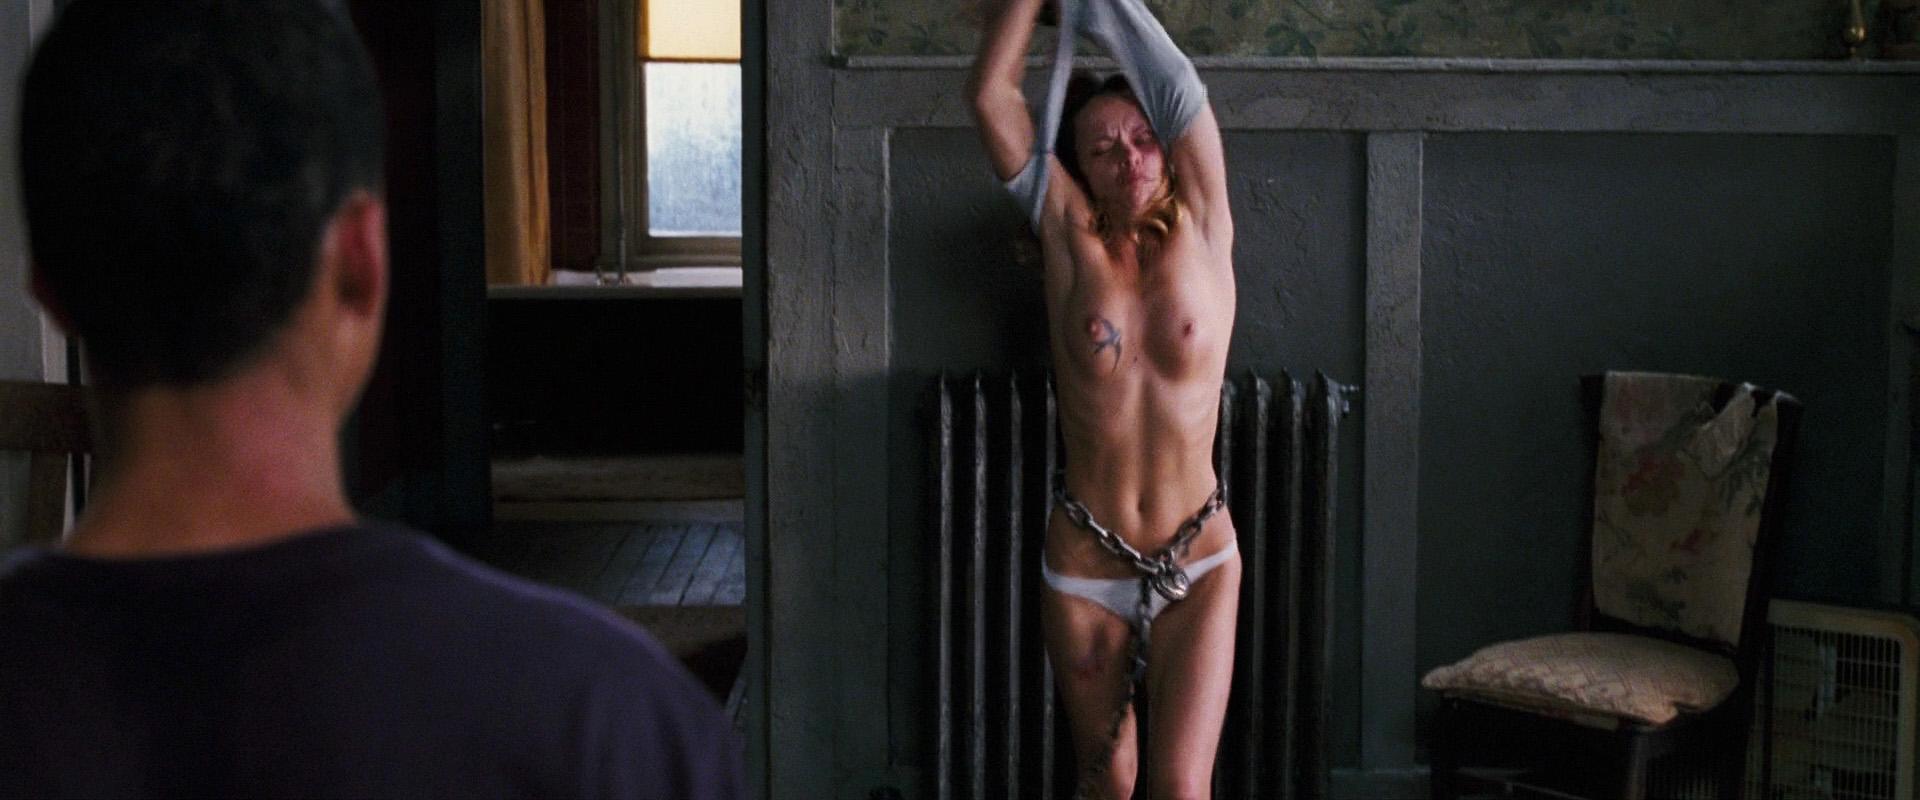 Hot nude ass sex